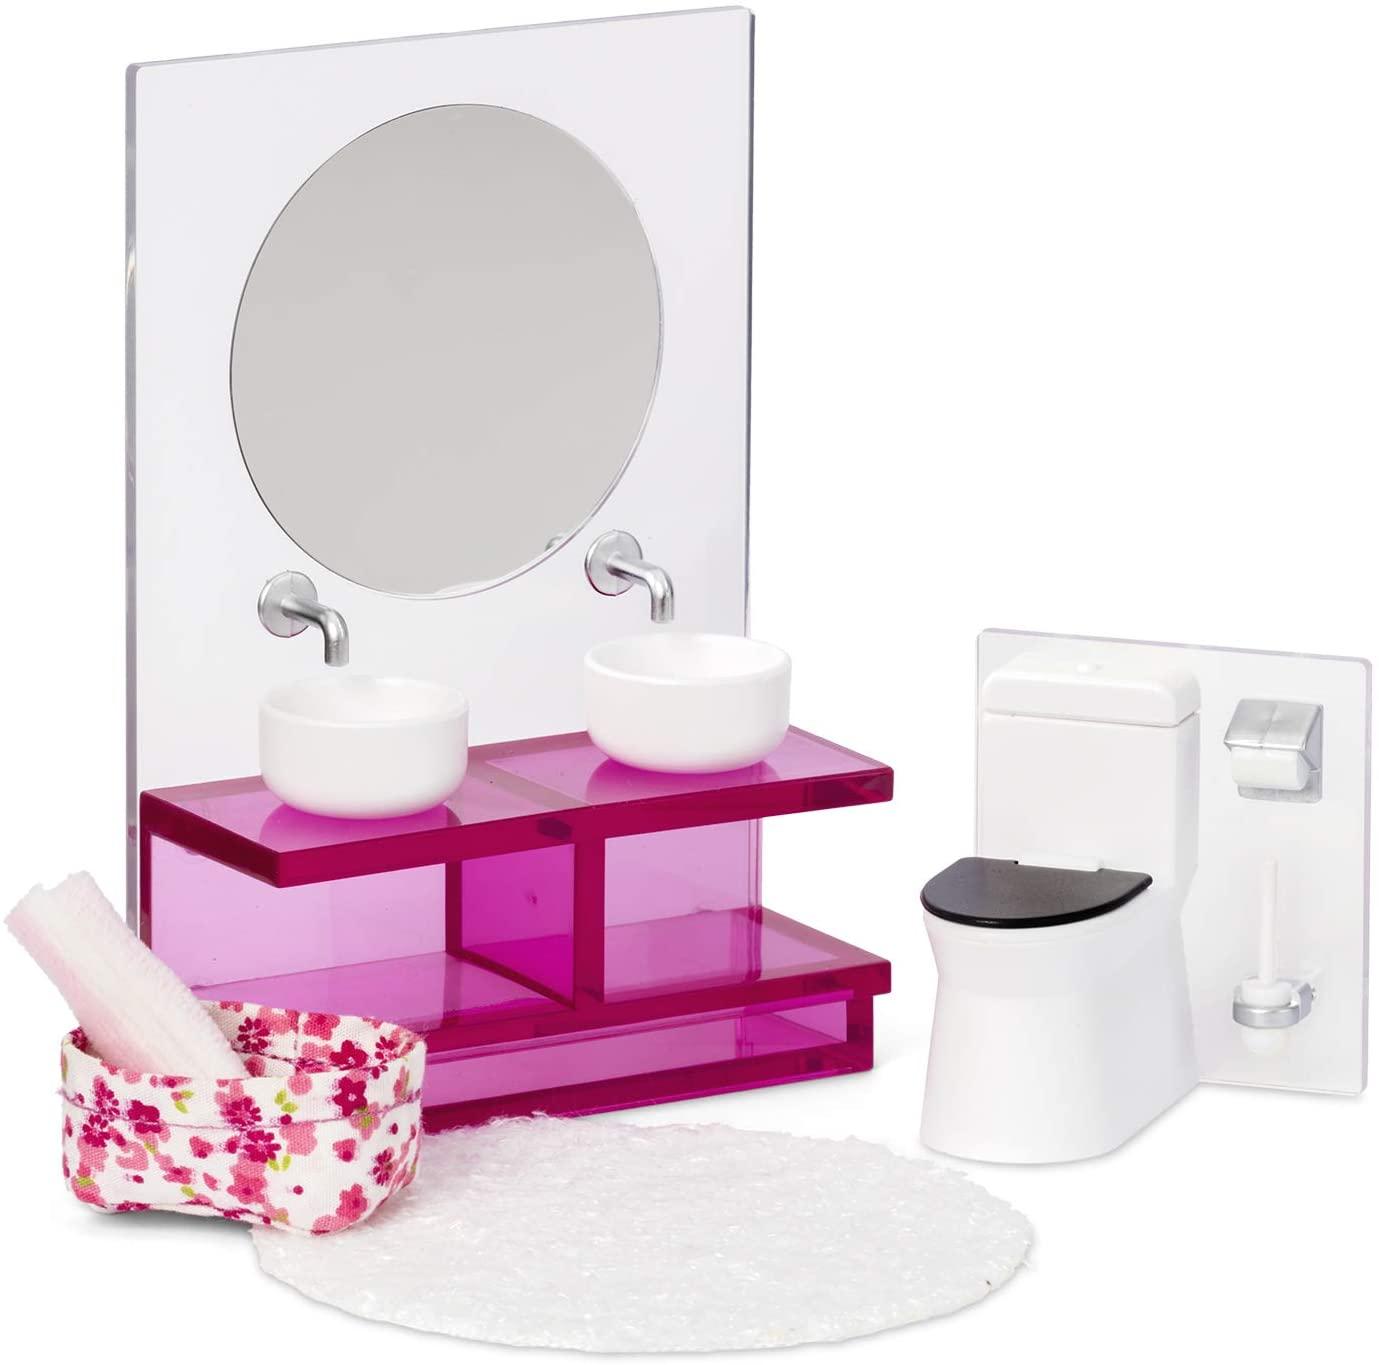 Набор мебели для домика - Ванная комната фото